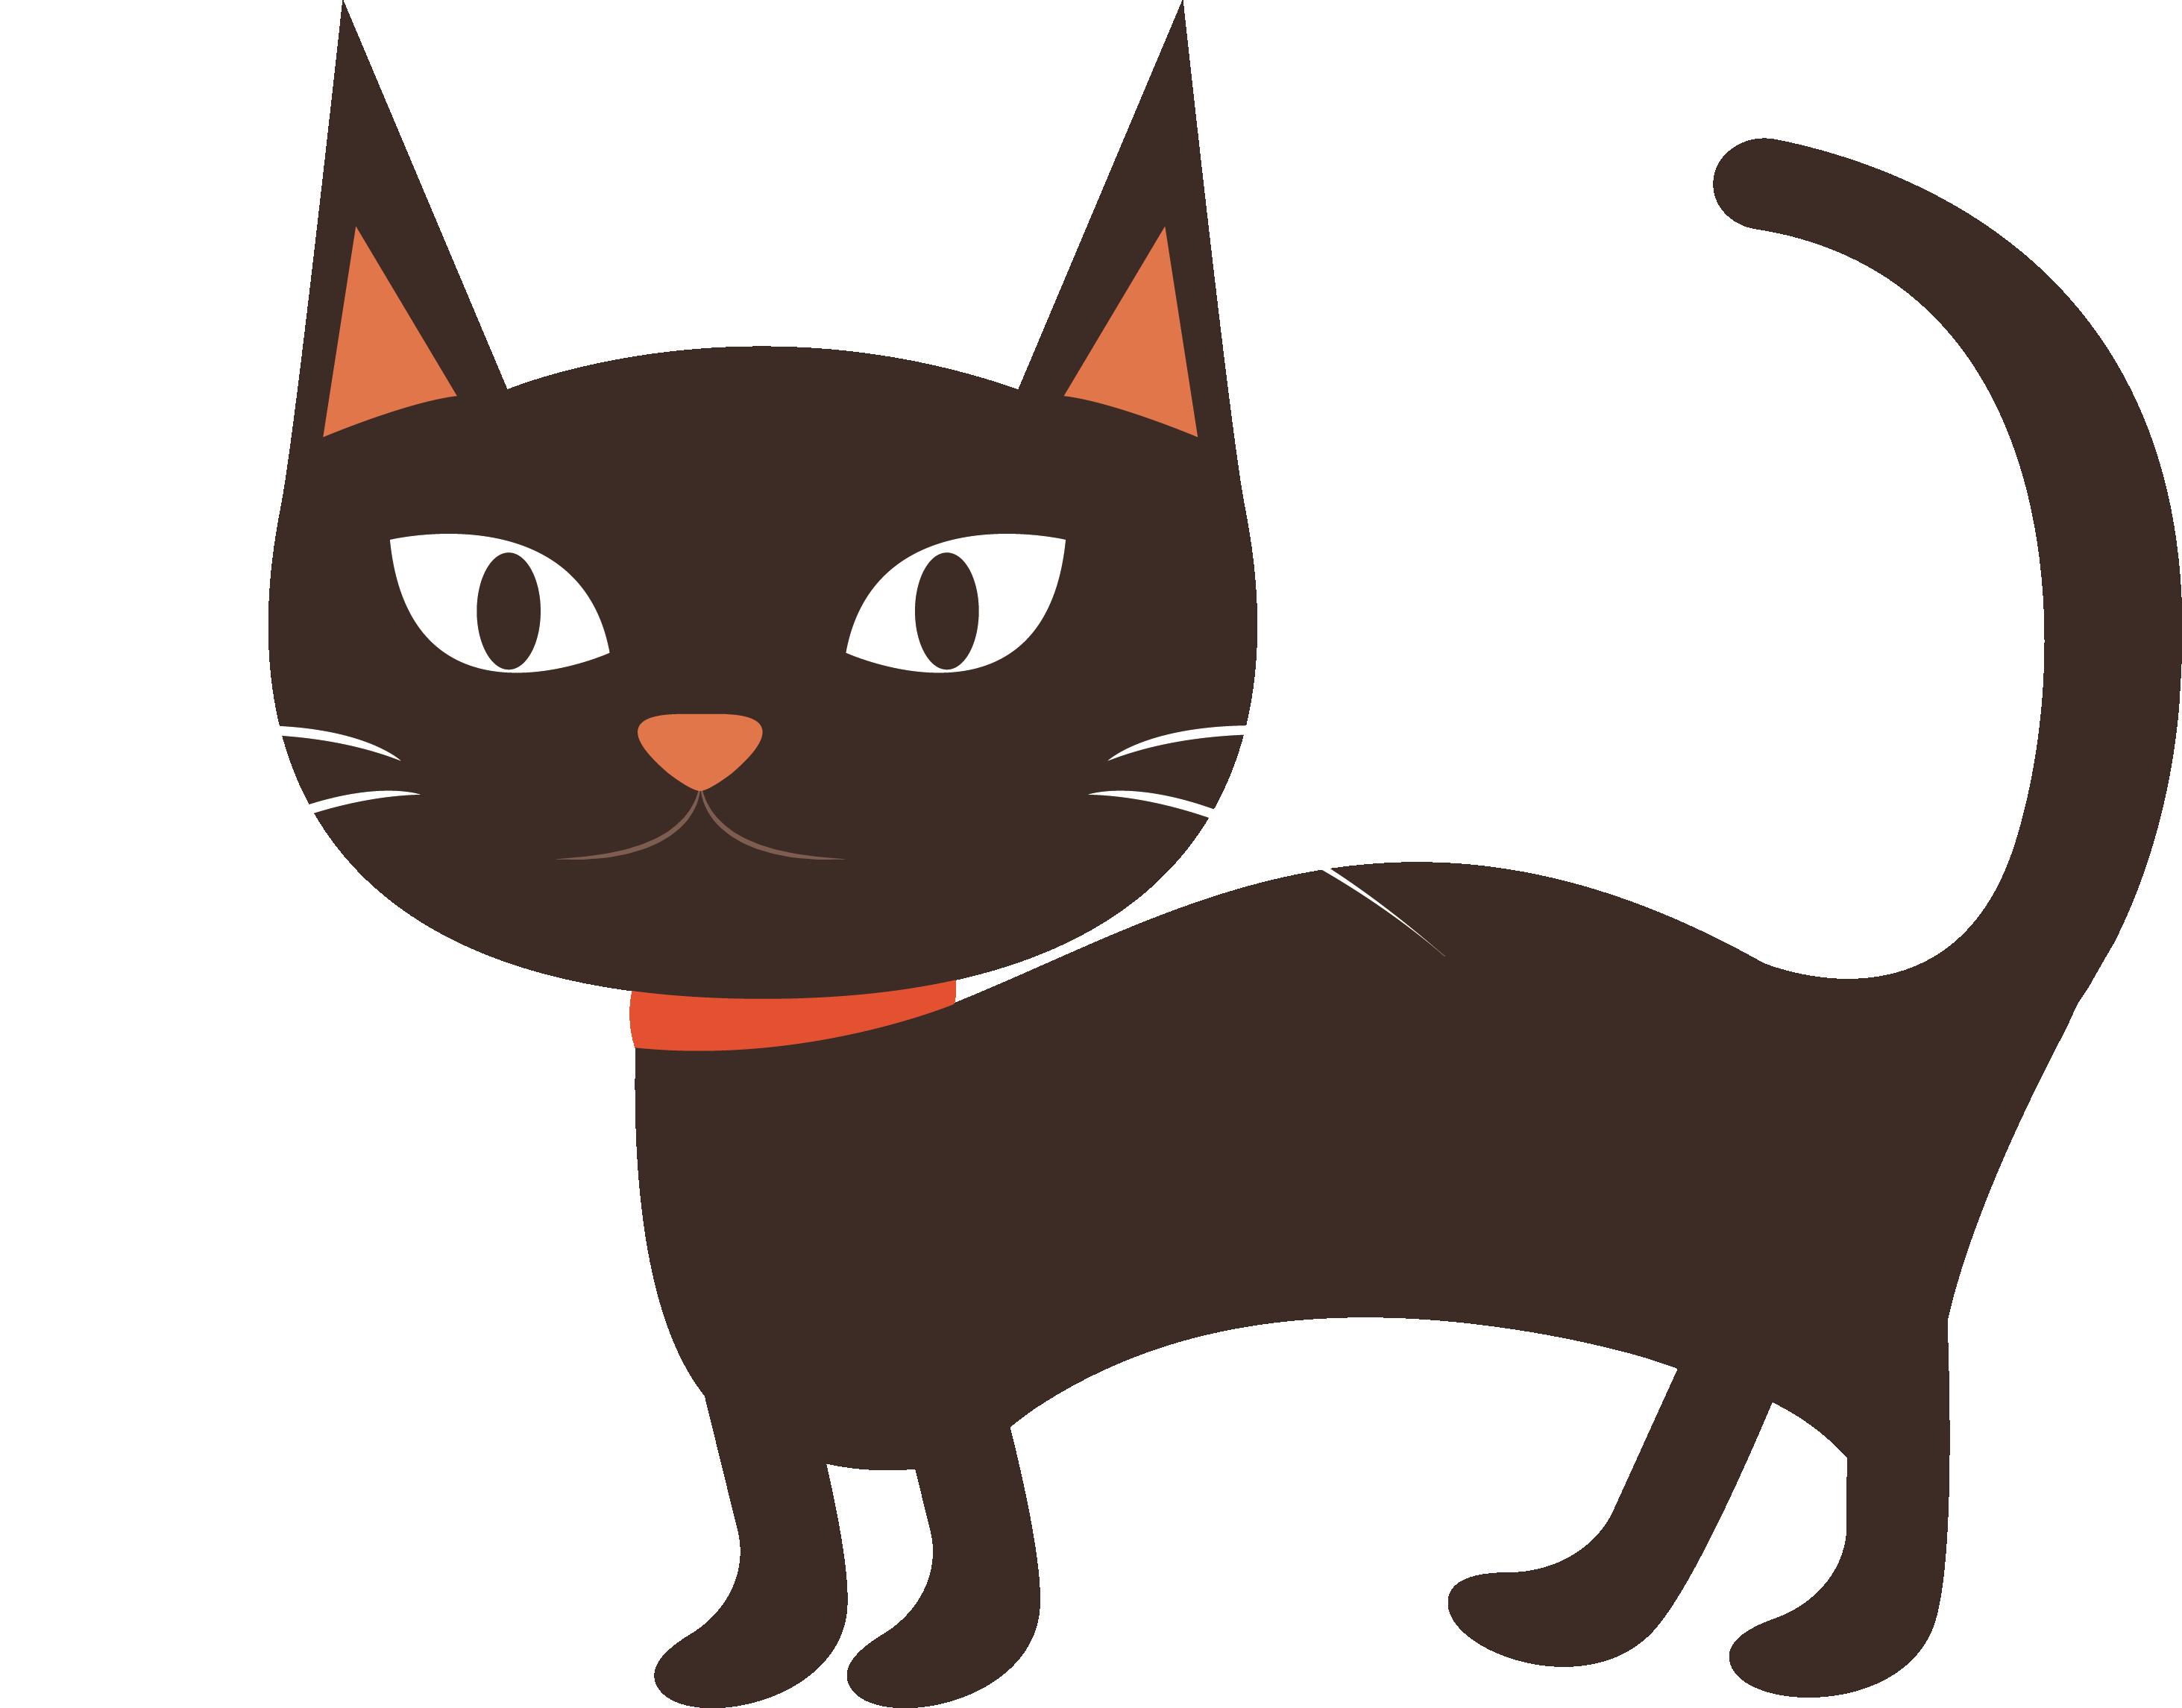 Cartoon black cat clipart image transparent Burmese cat Black cat Kitten Whiskers - Lovely cartoon black cat ... image transparent